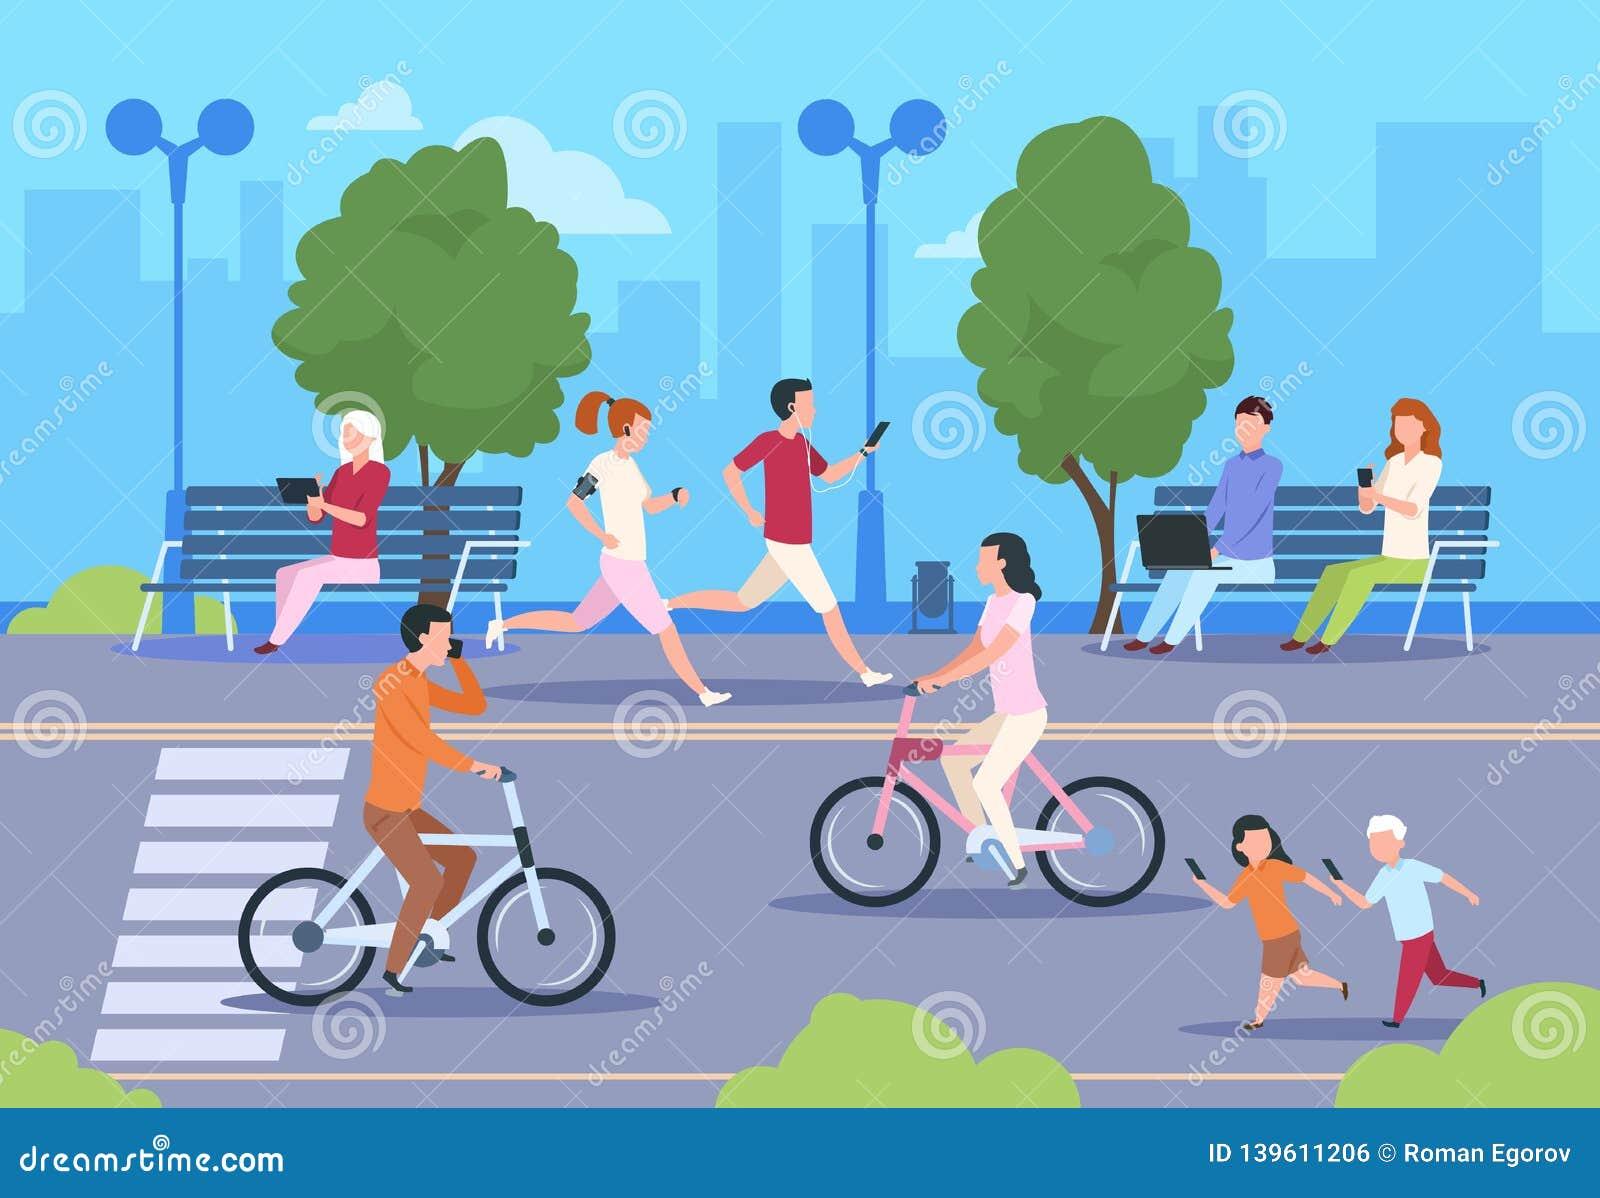 Плоские горожане улицы Велосипед ландшафта природы парка городка идет человек и женщина городского образа жизни идя улица ночи го